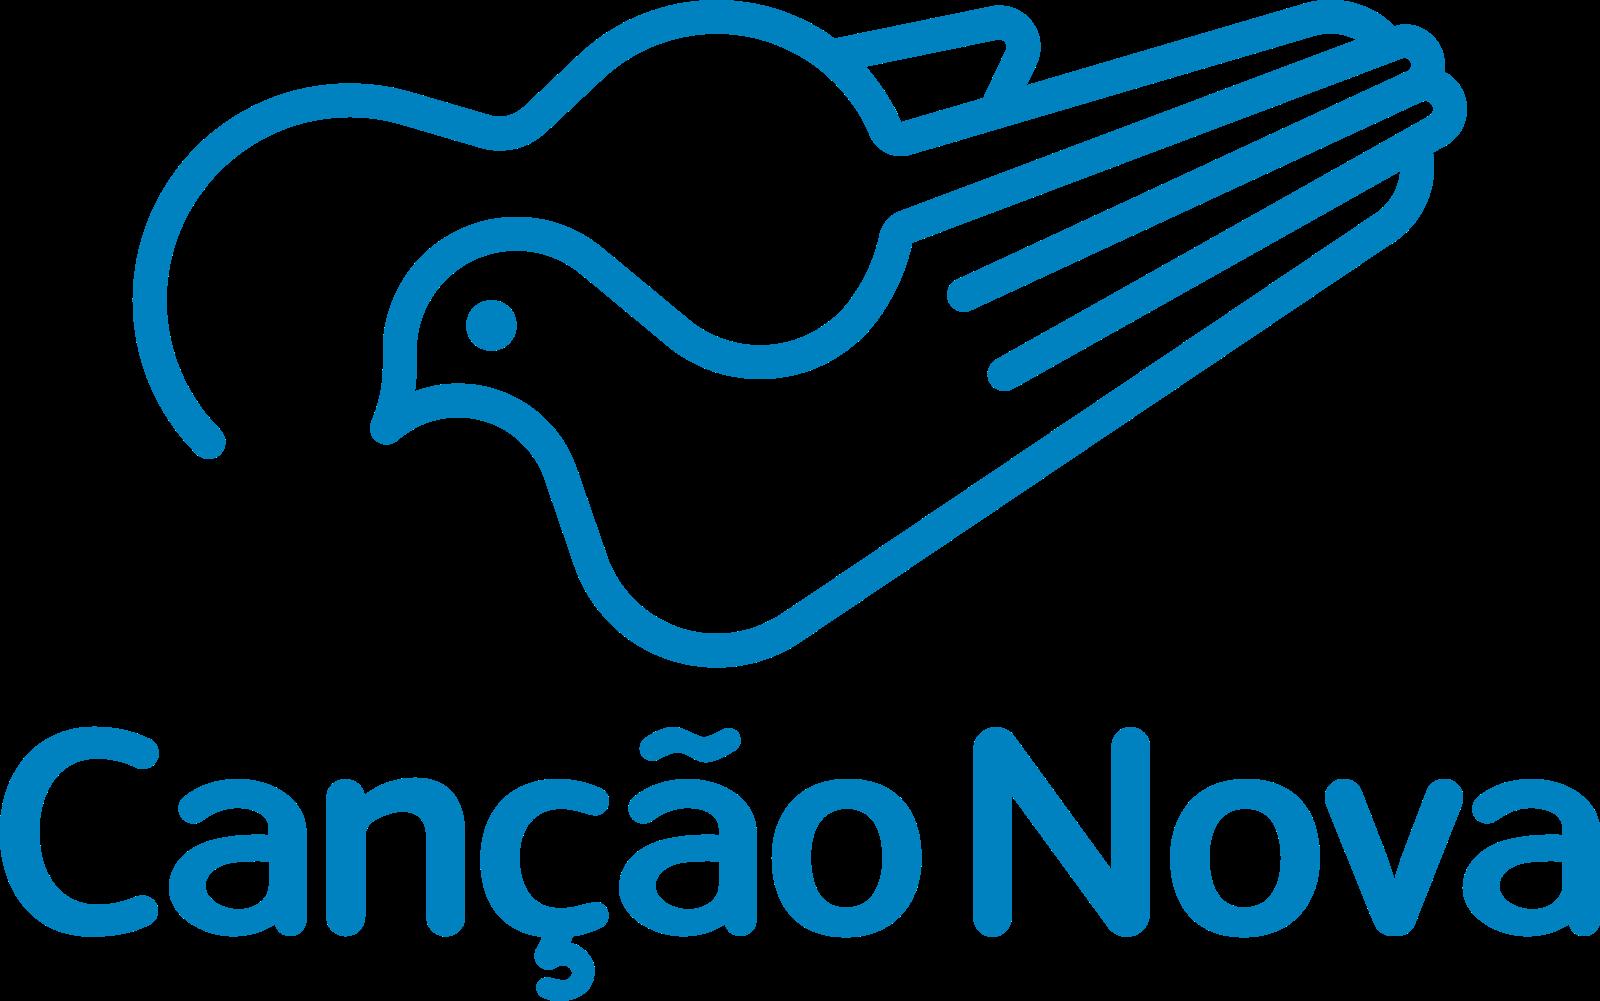 cancao nova logo 4 - Canção Nova Logo